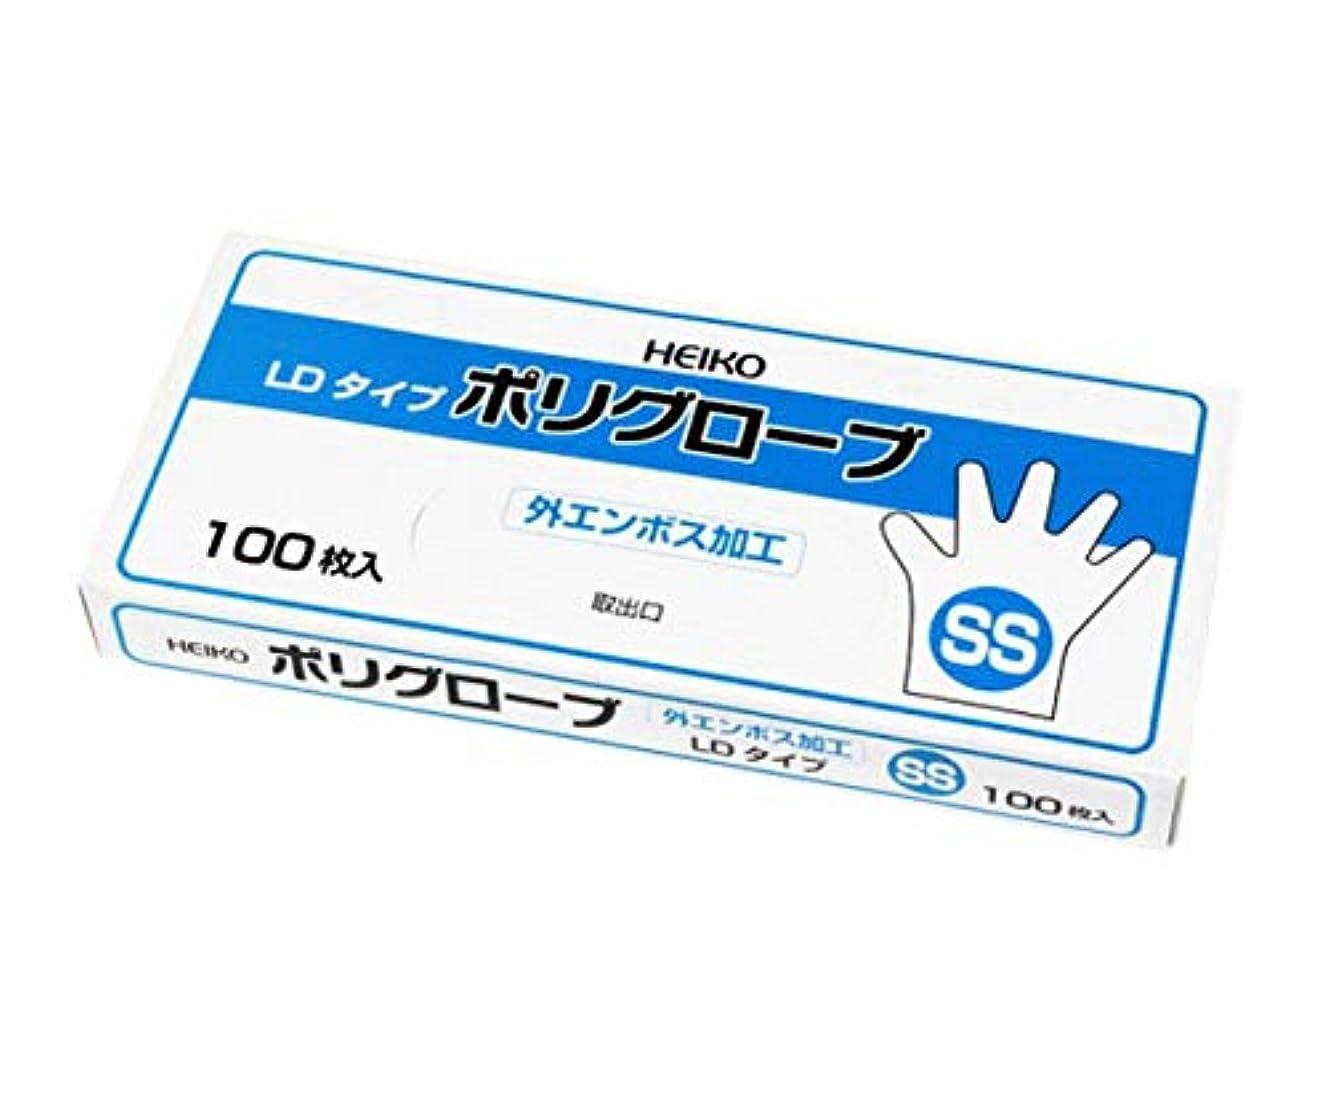 スタジオ黒人消すHEIKO ポリグローブ ポリLD 外エンボス100入 SS 100枚/62-1021-93